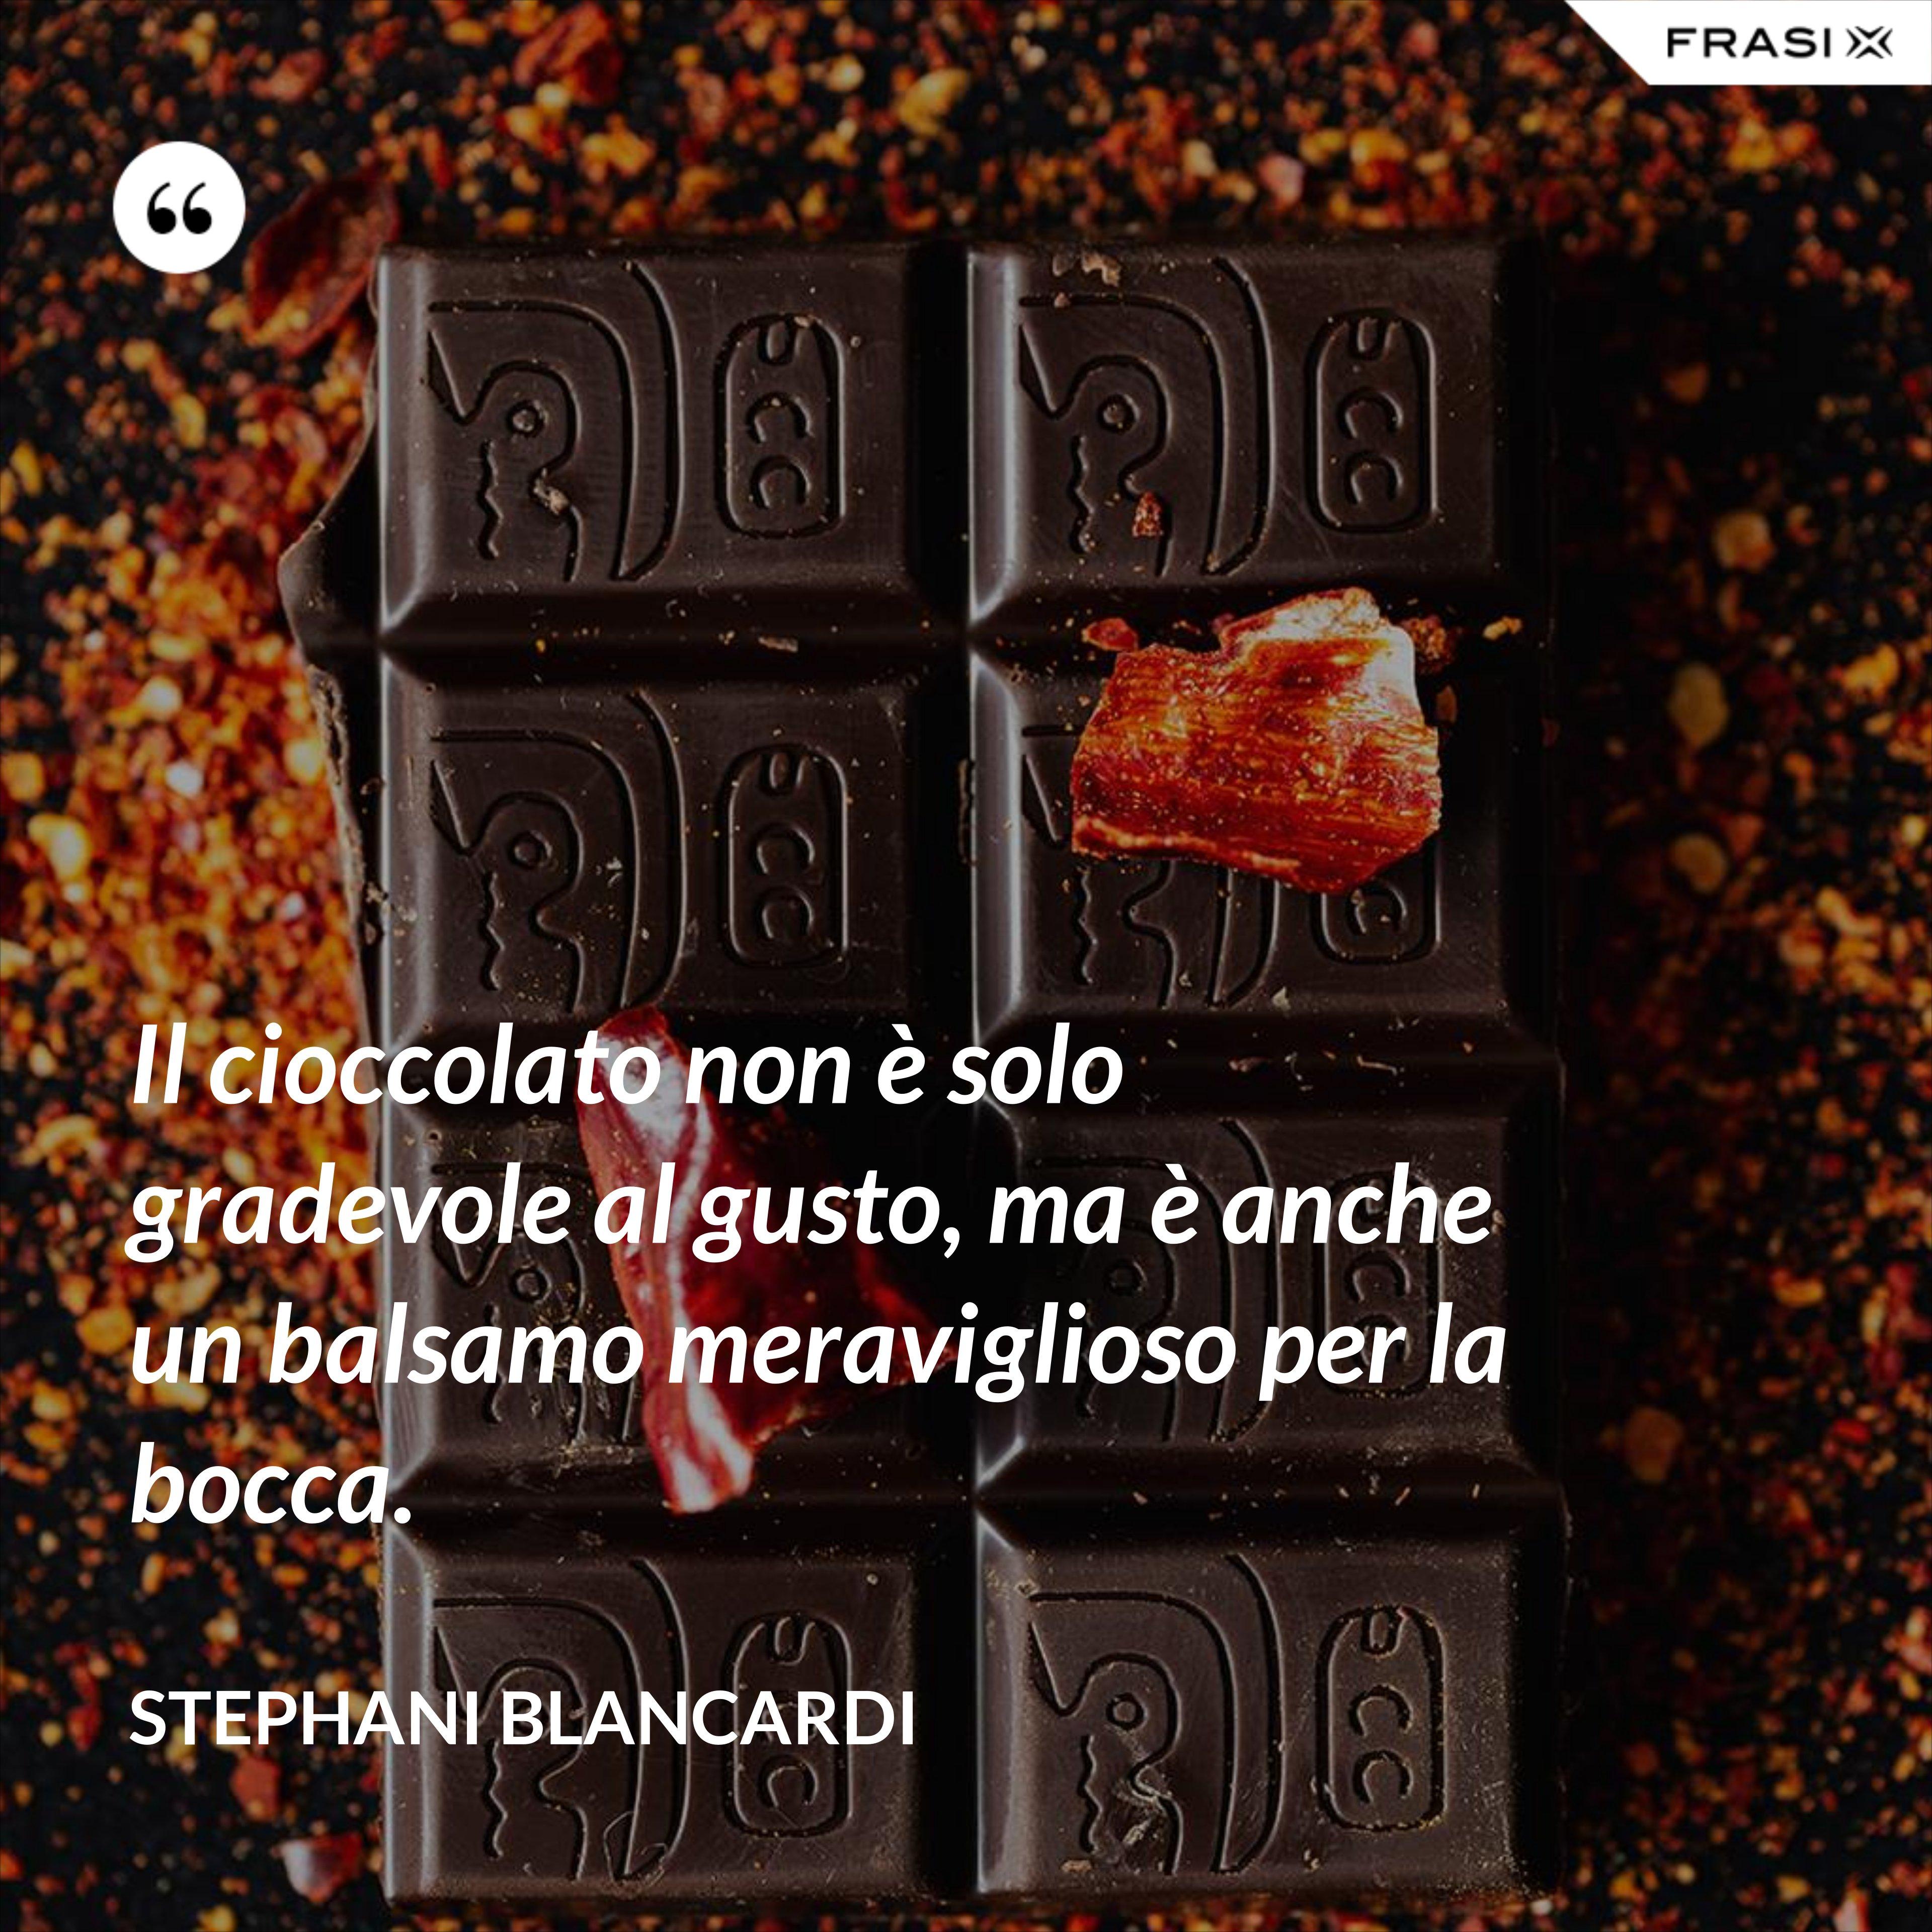 Il cioccolato non è solo gradevole al gusto, ma è anche un balsamo meraviglioso per la bocca. - Stephani Blancardi